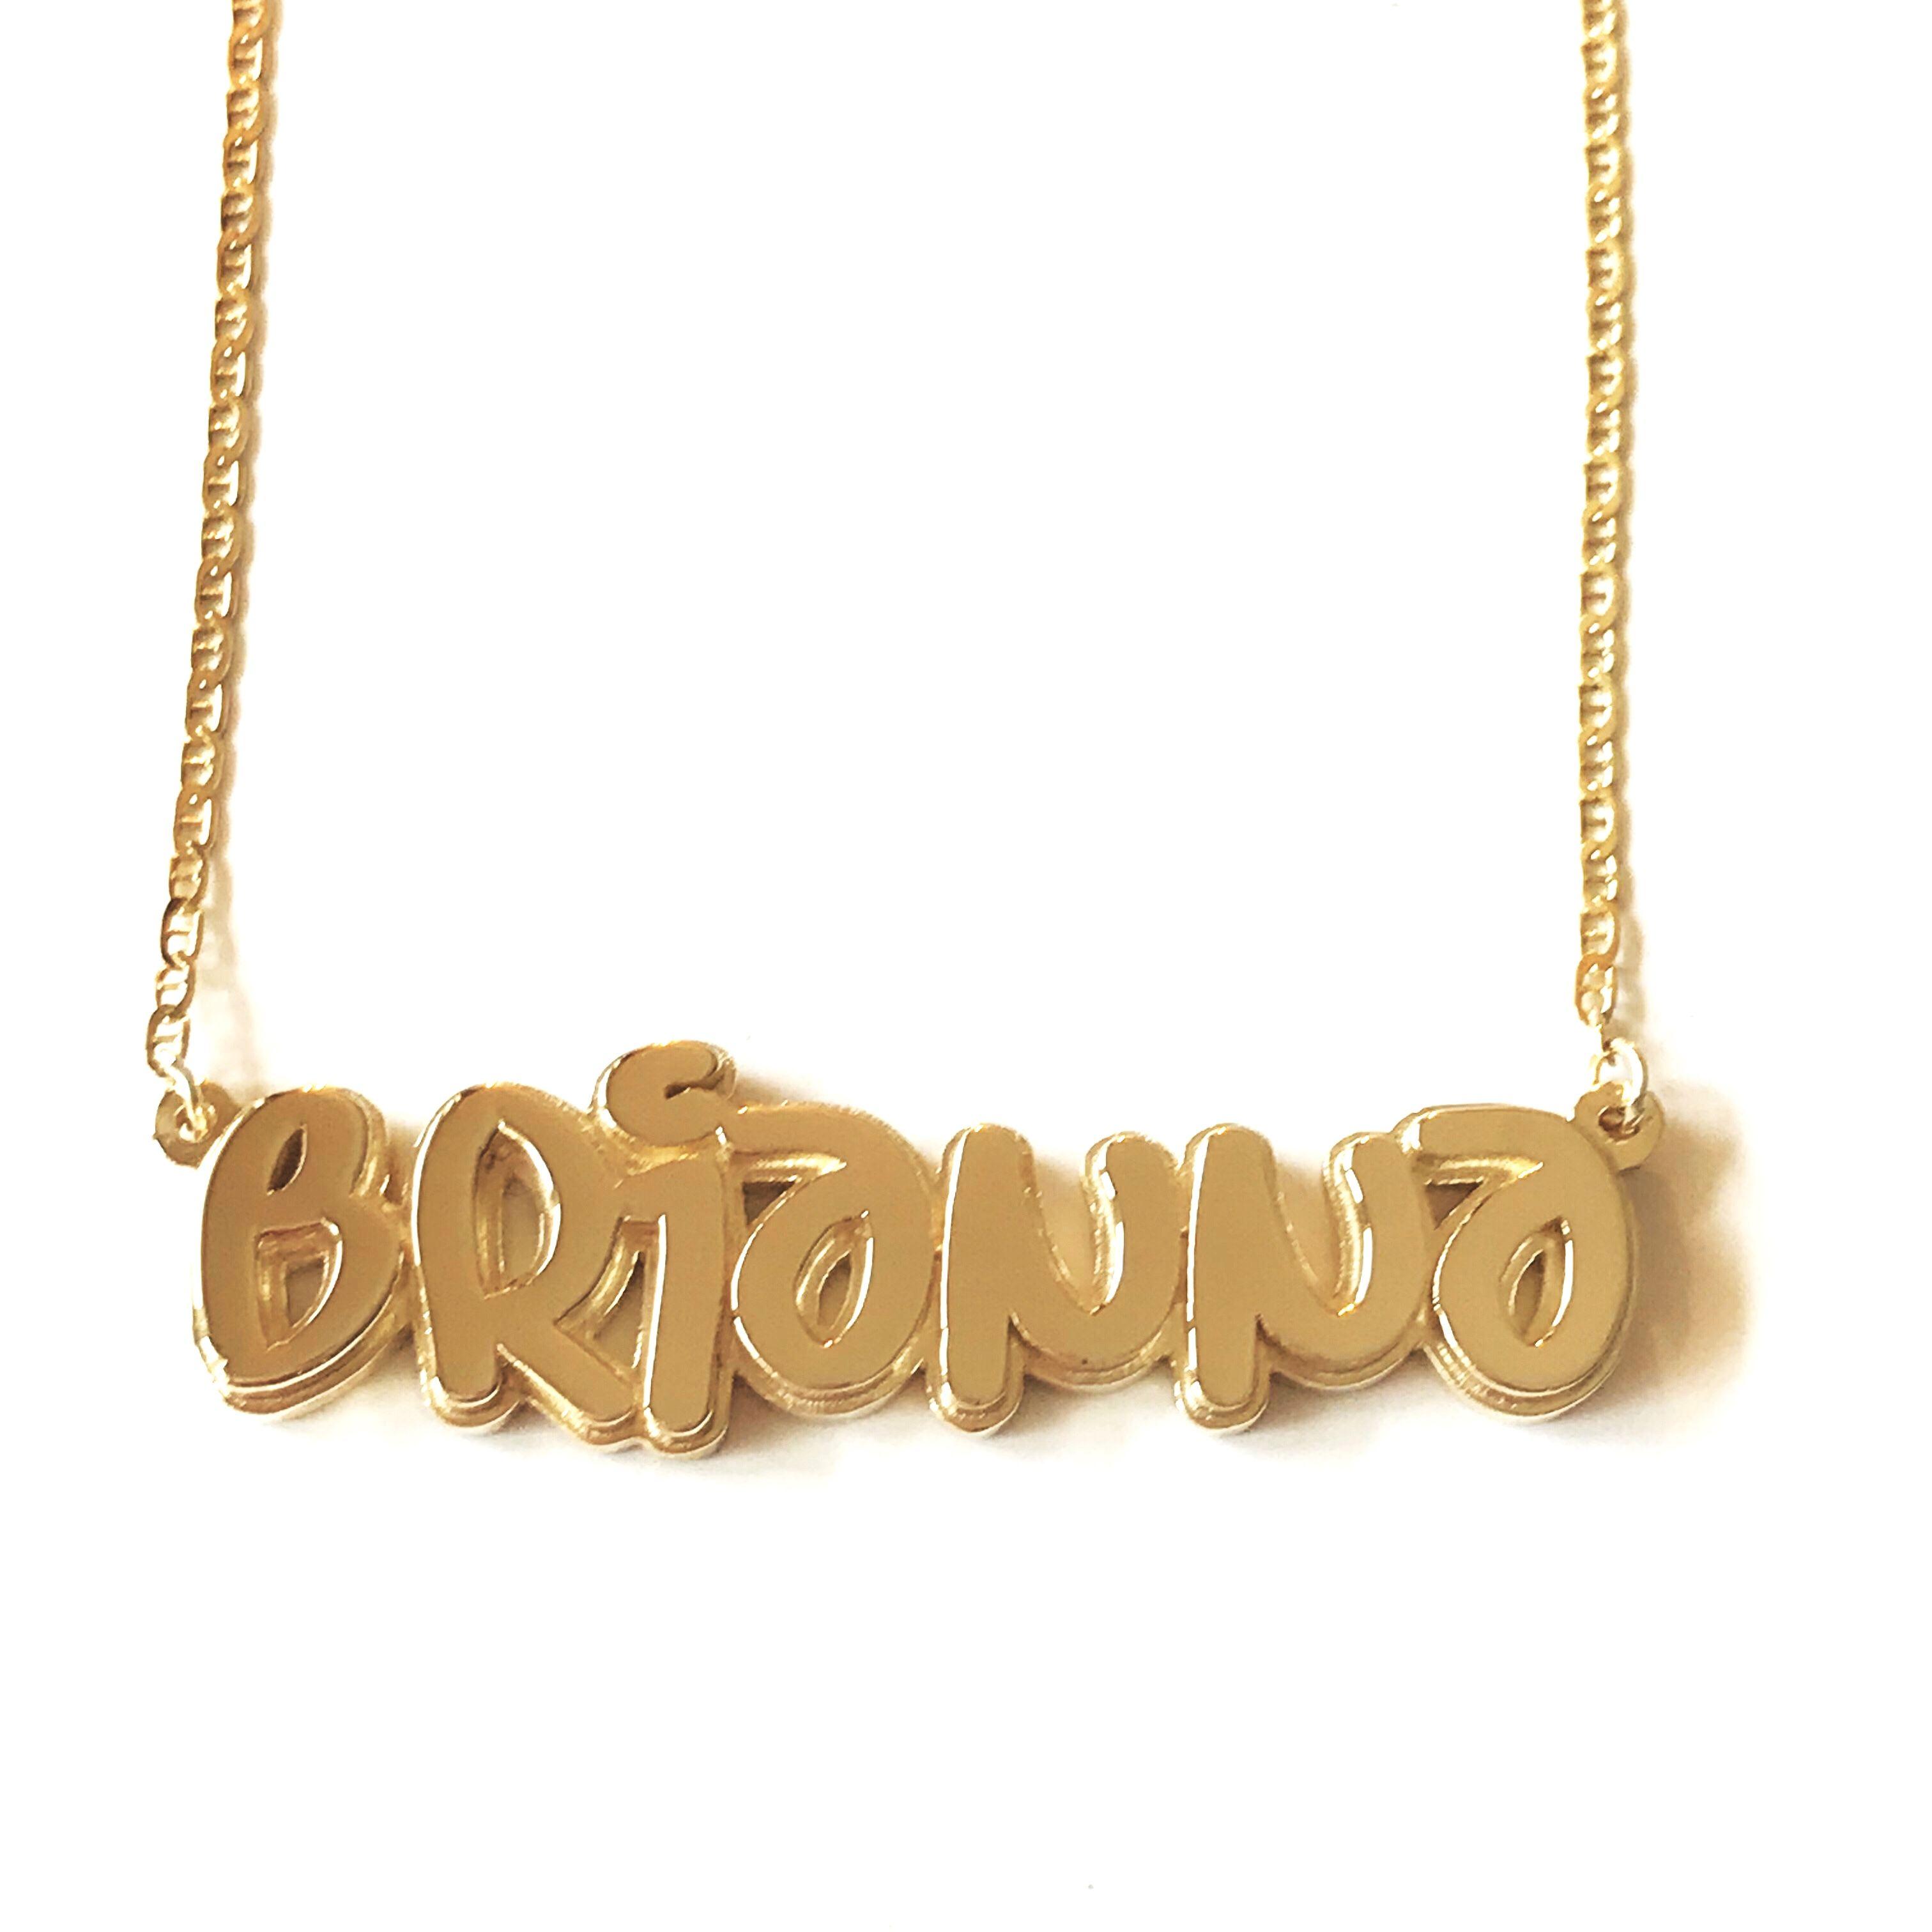 14k gold 3d graffiti nameplate namenecklace necklace. Black Bedroom Furniture Sets. Home Design Ideas